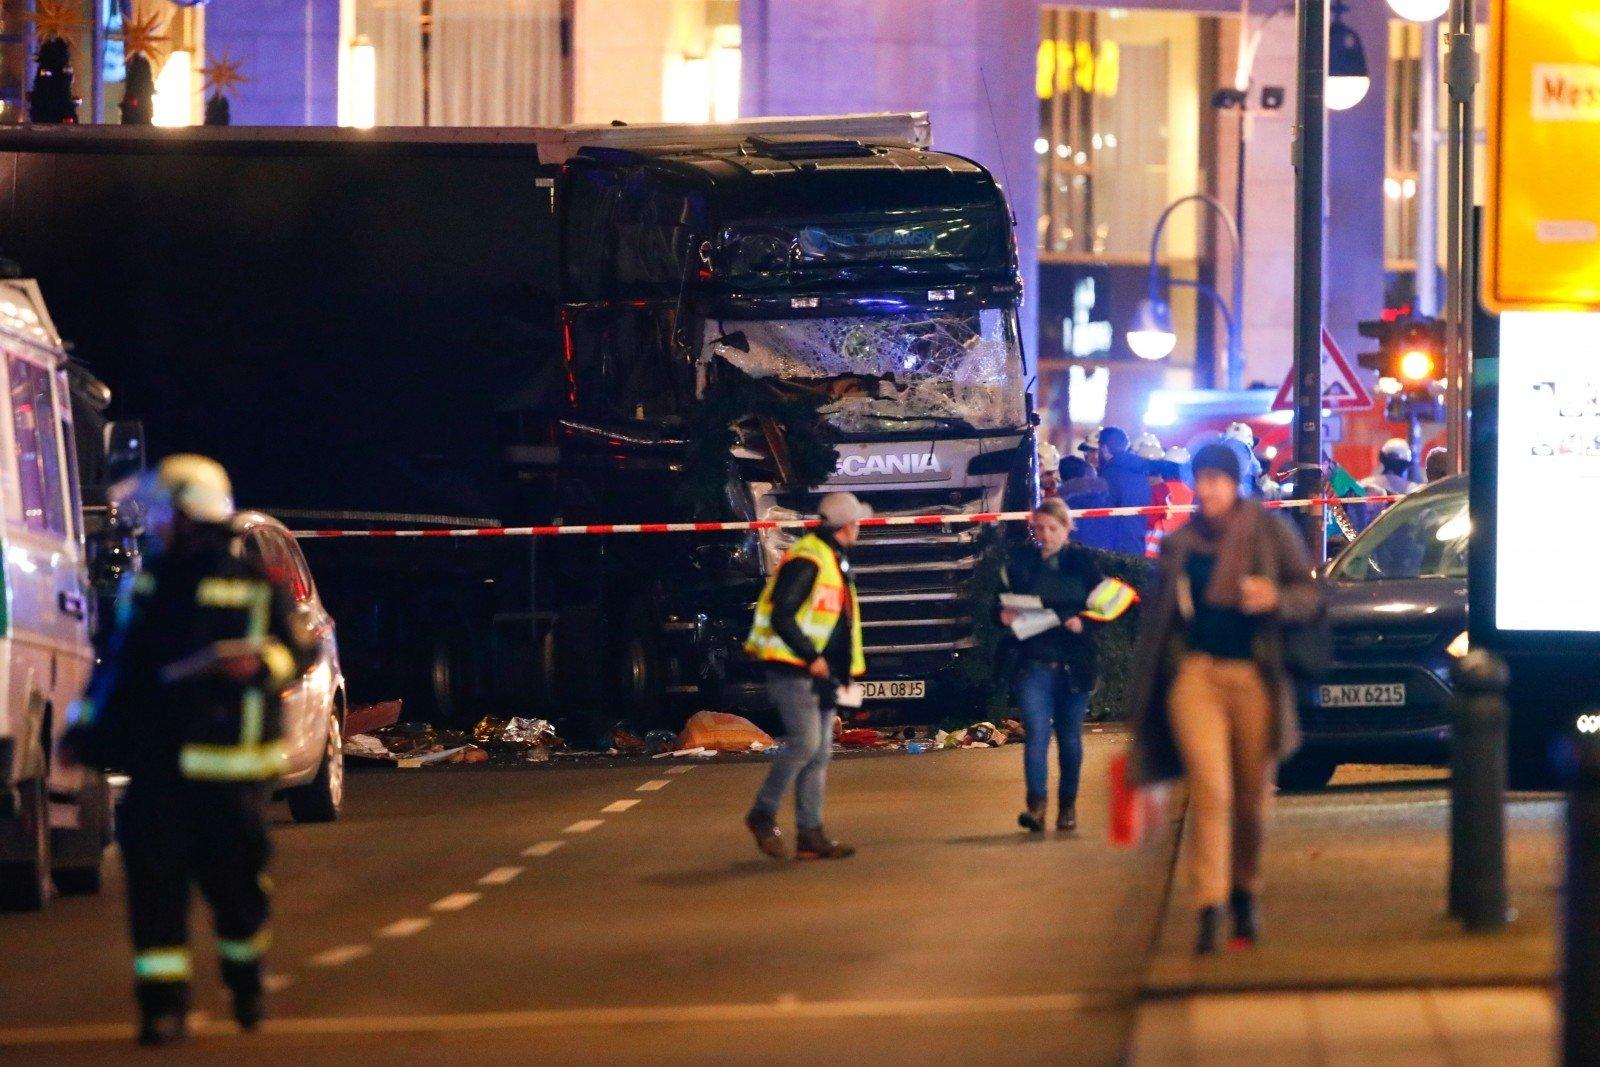 Фургон года. Система торможения Scania спасла людей натеракте вБерлине